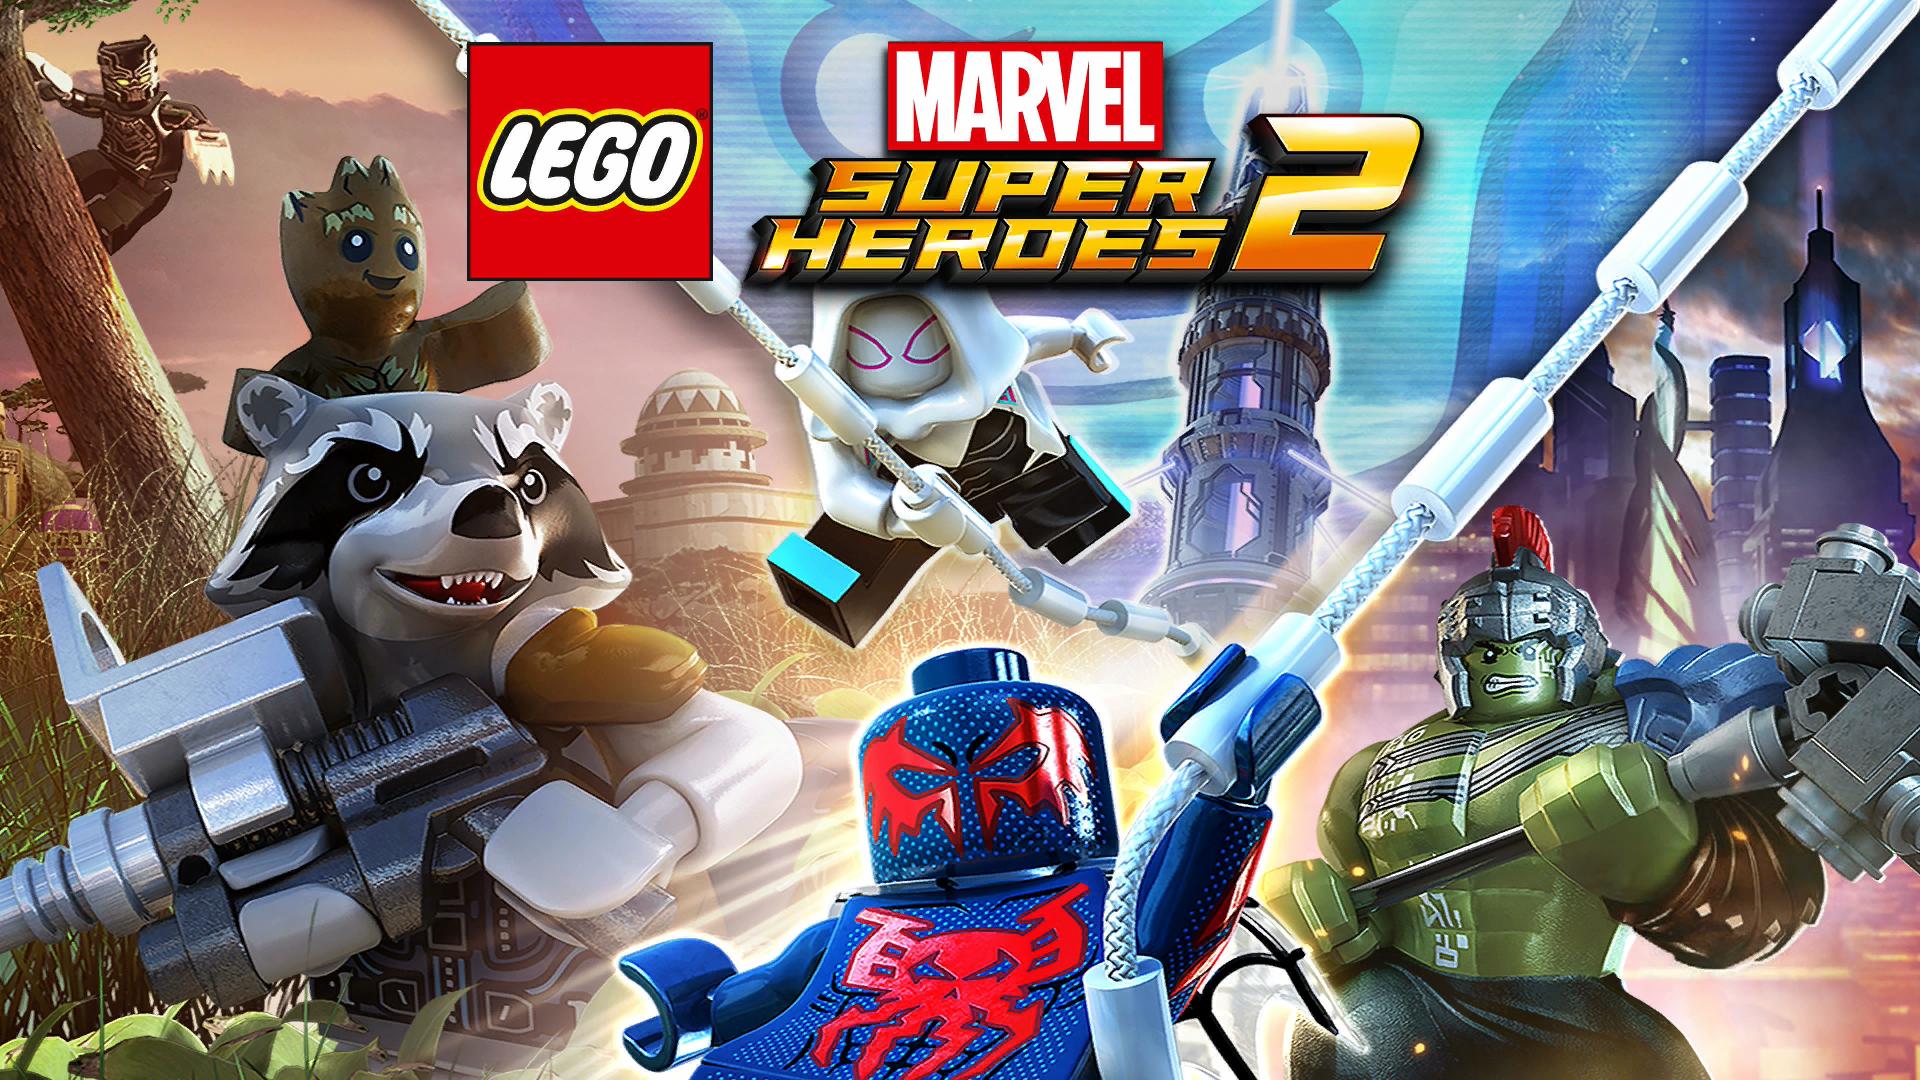 Lego marvel super heroes 2 update v10016471 incl dlcs codex image result for lego marvel superheroes 2 wallpaper voltagebd Gallery